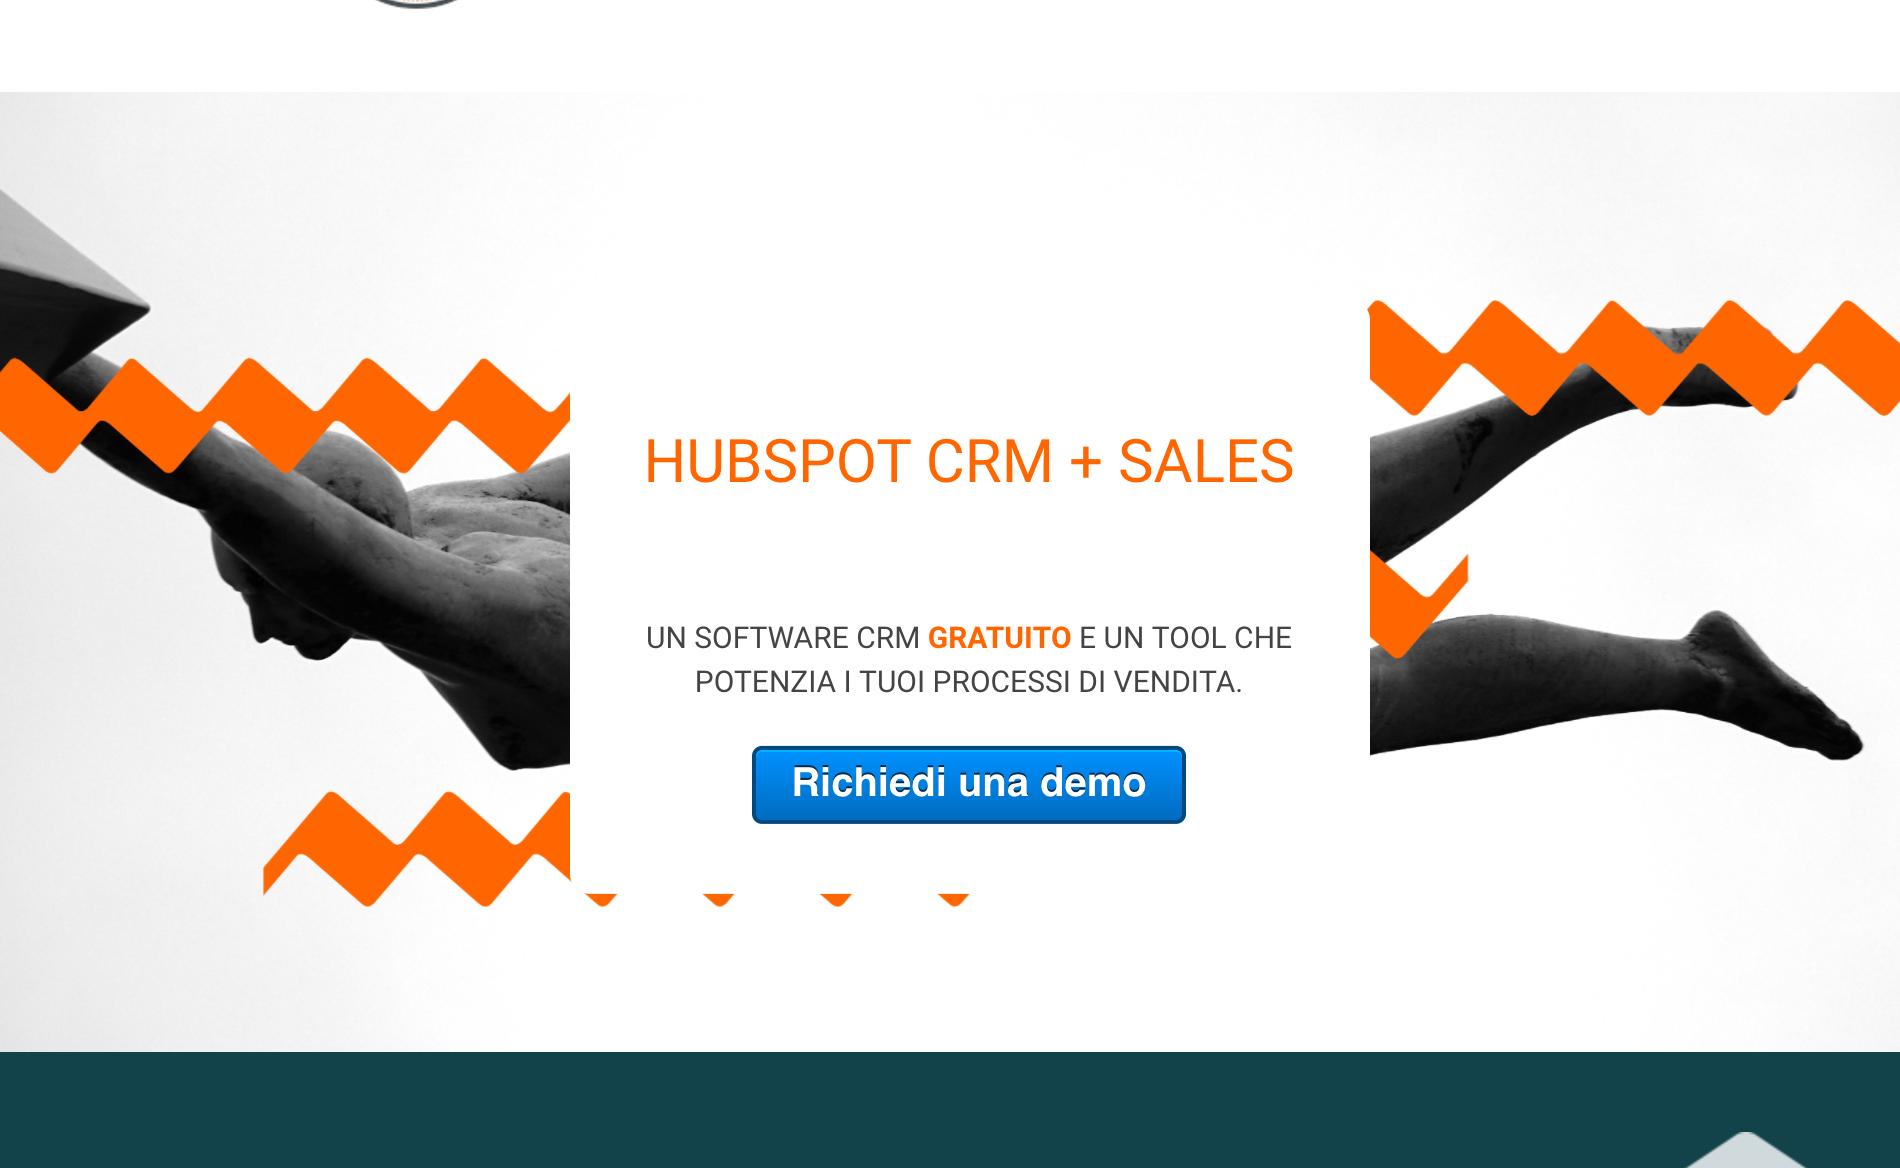 hubspot-crm.png